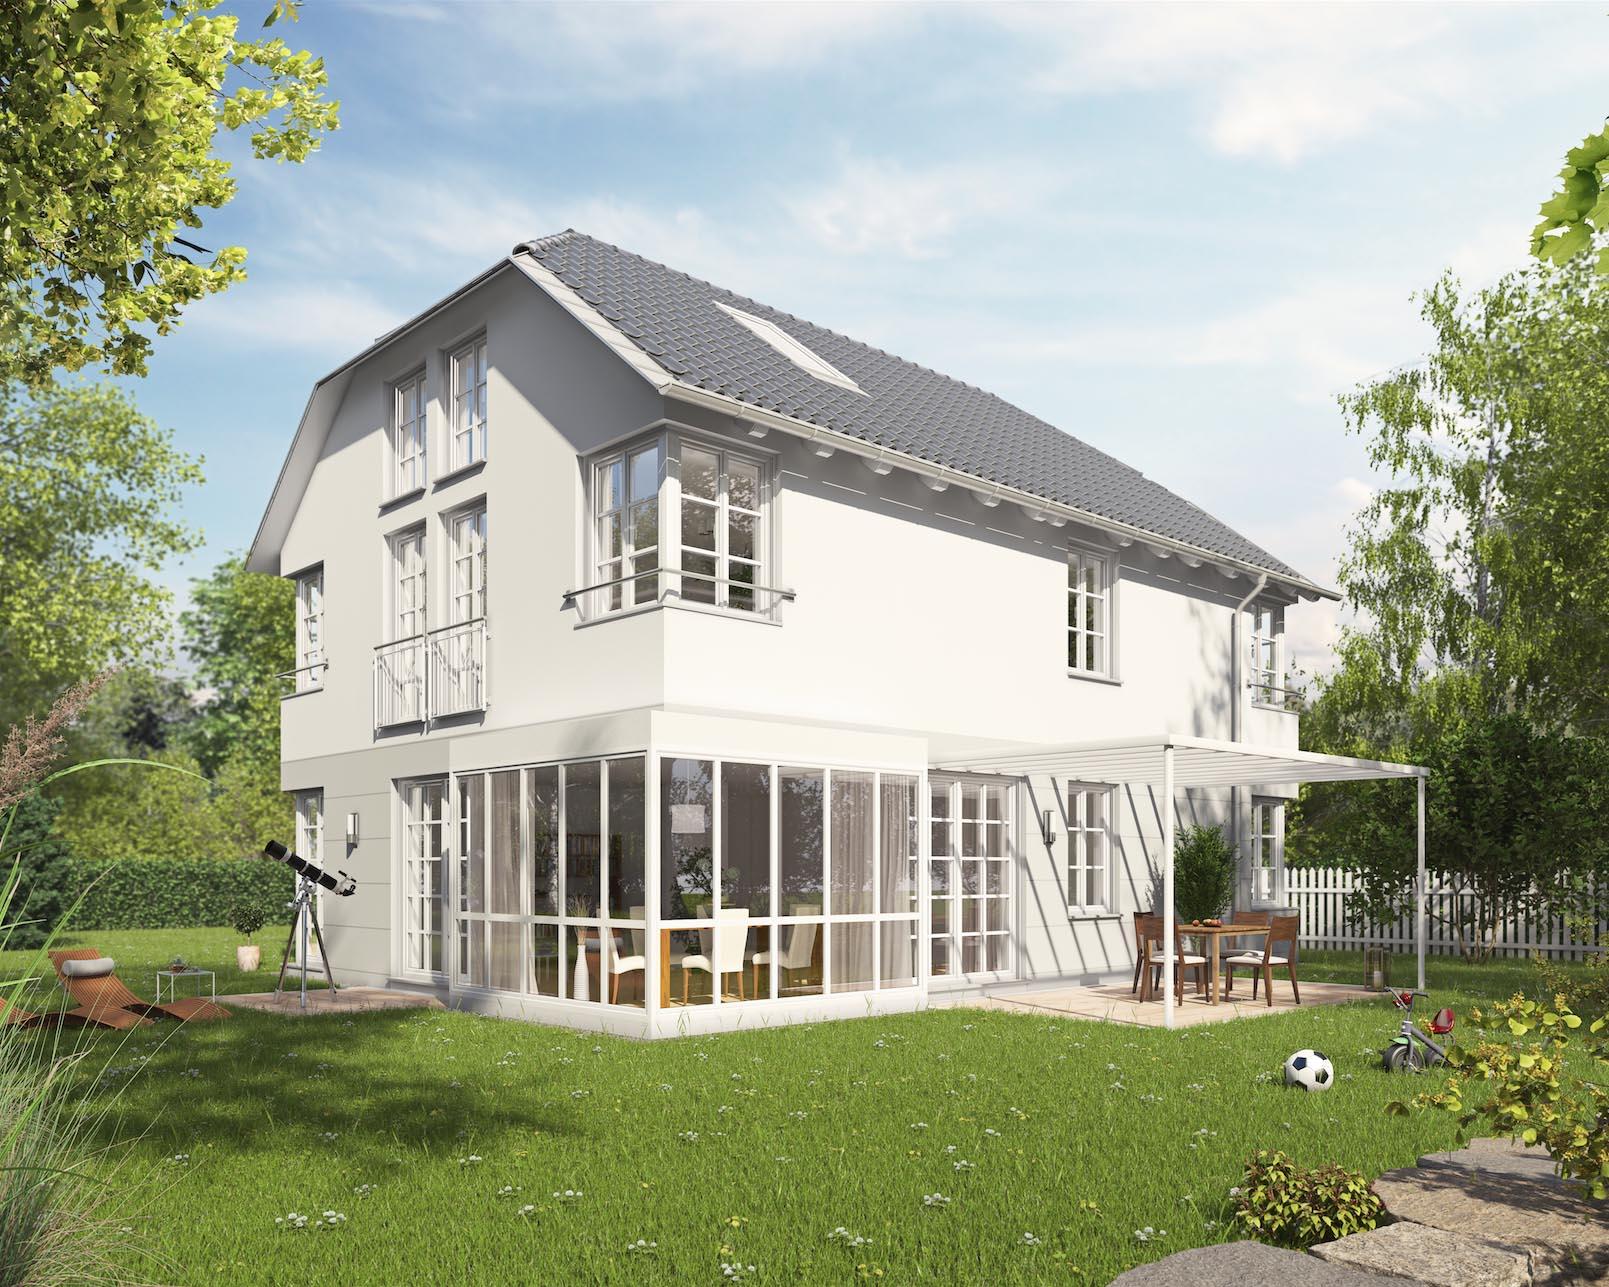 Wundervoll Moderne Einfamilienhäuser Galerie Von Zwei Traumhafte Einfamilienhäuser